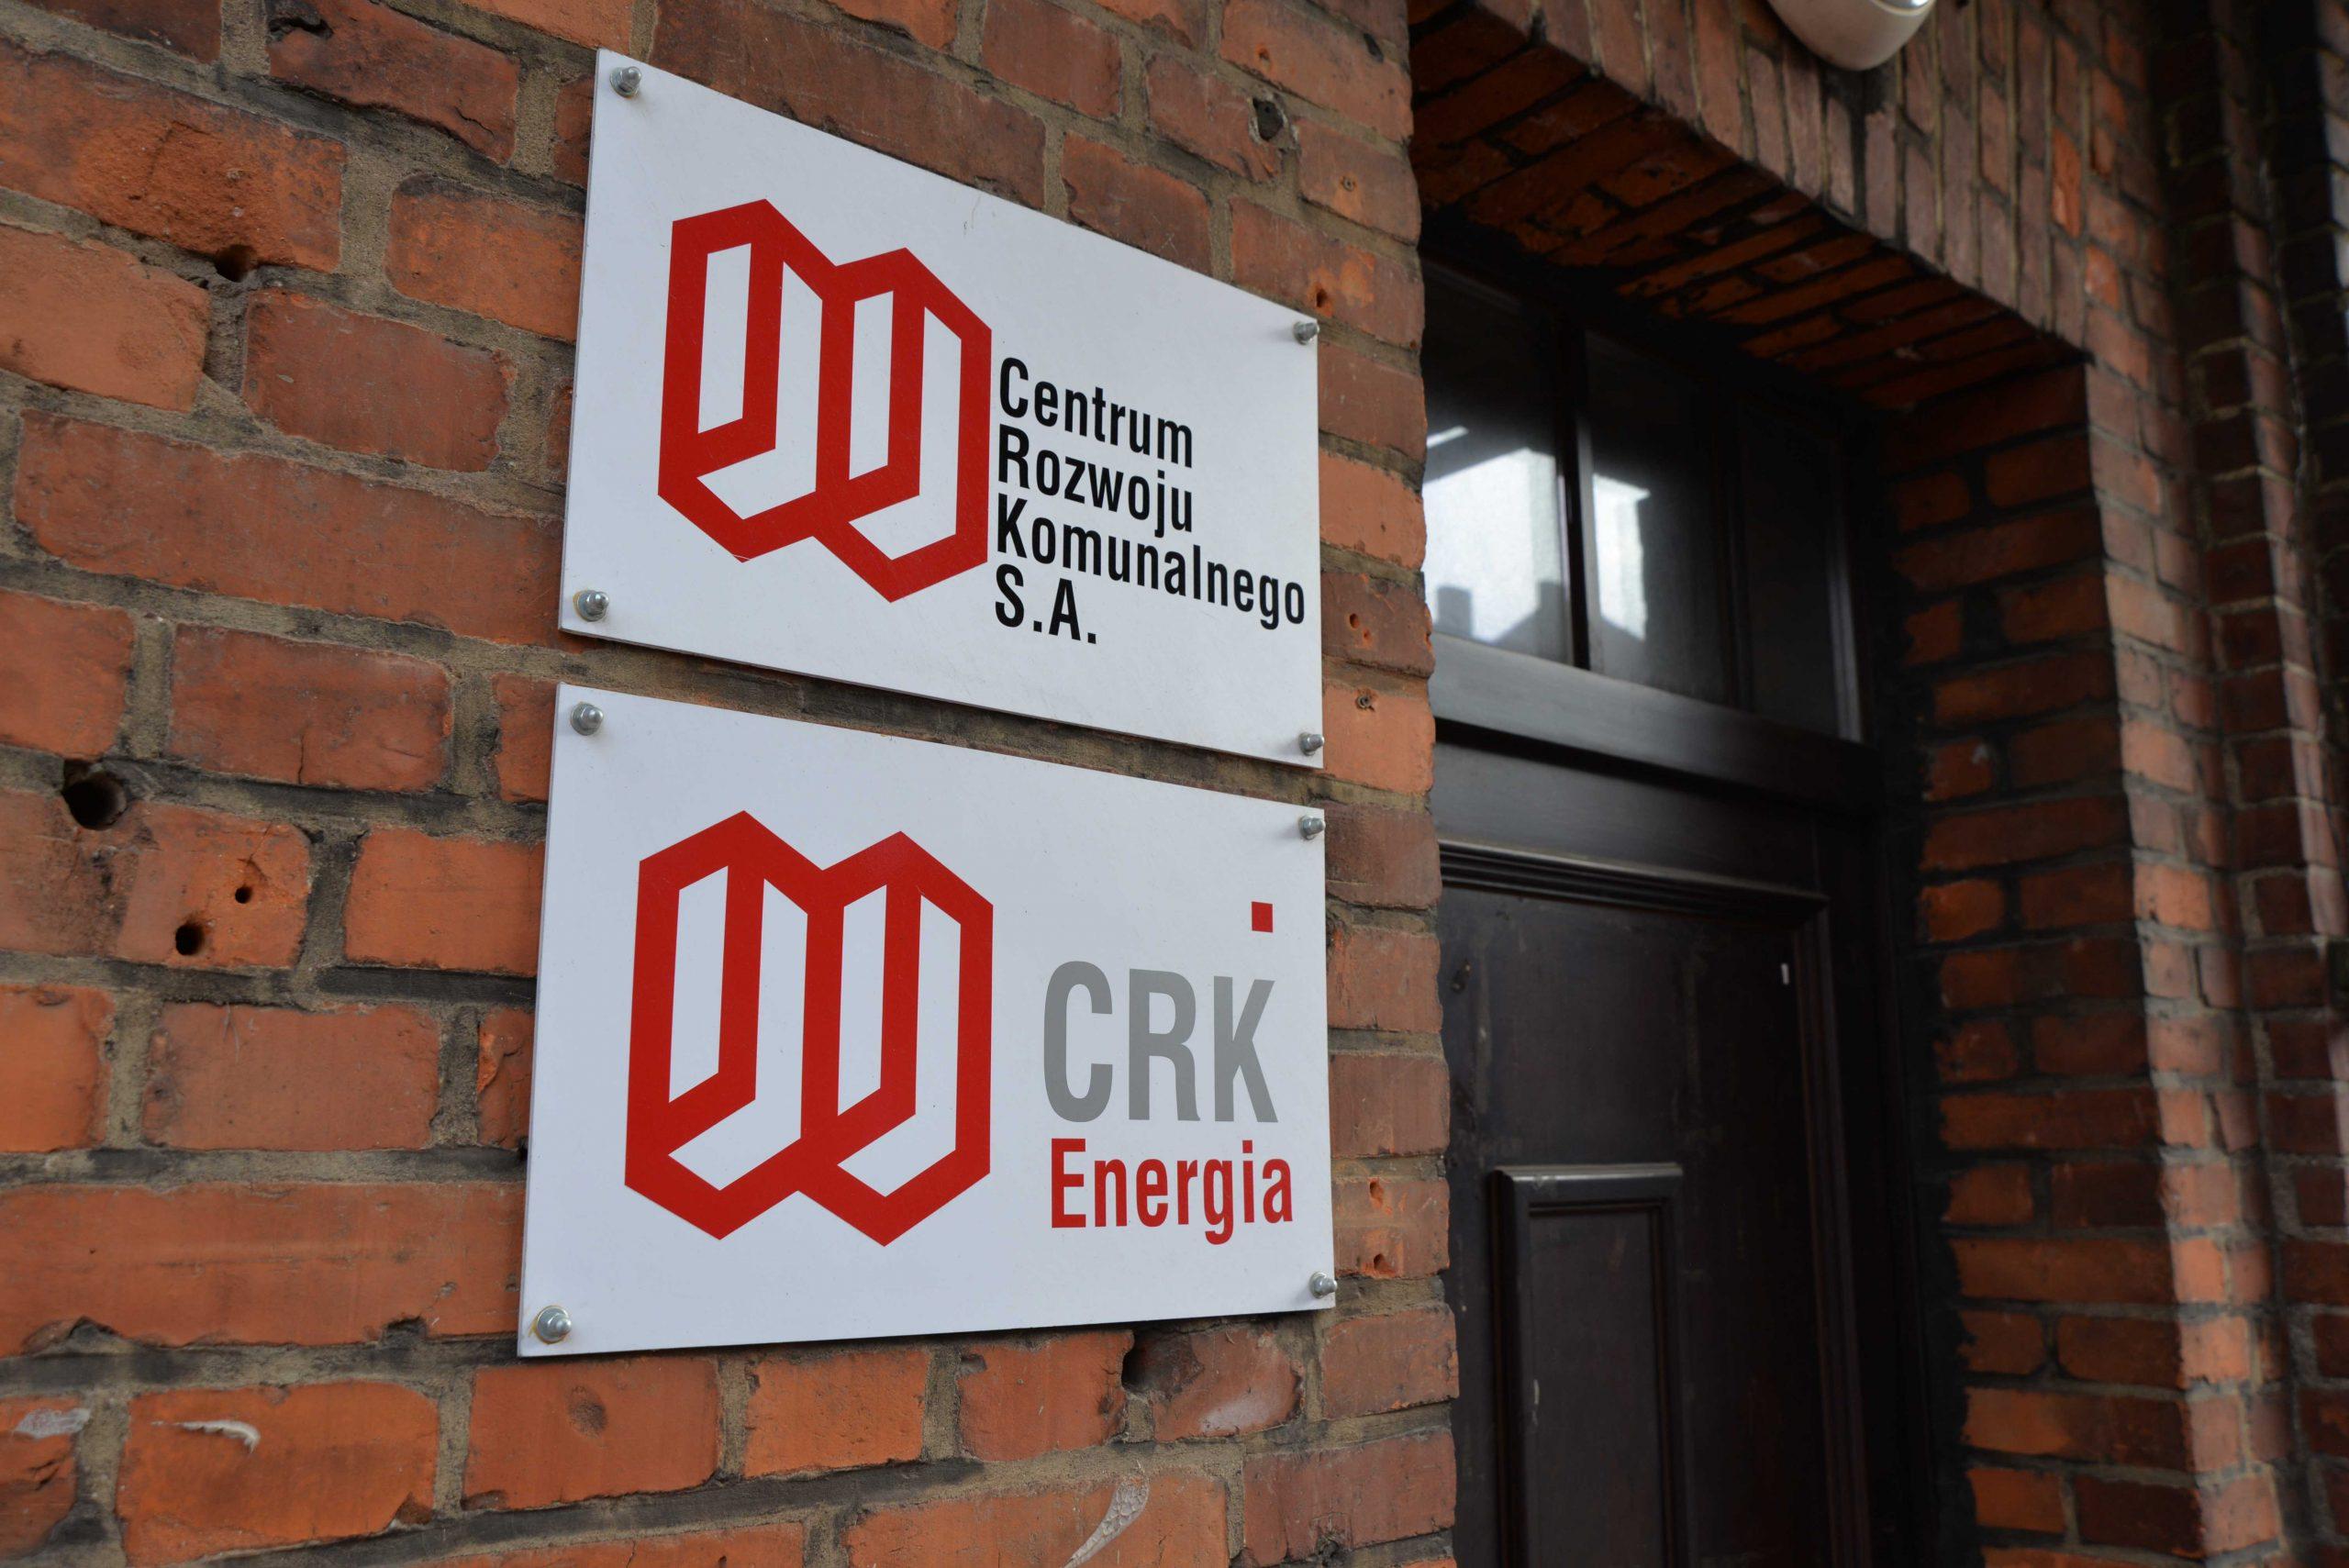 Zmiana i kontynuacja w CRK Energia